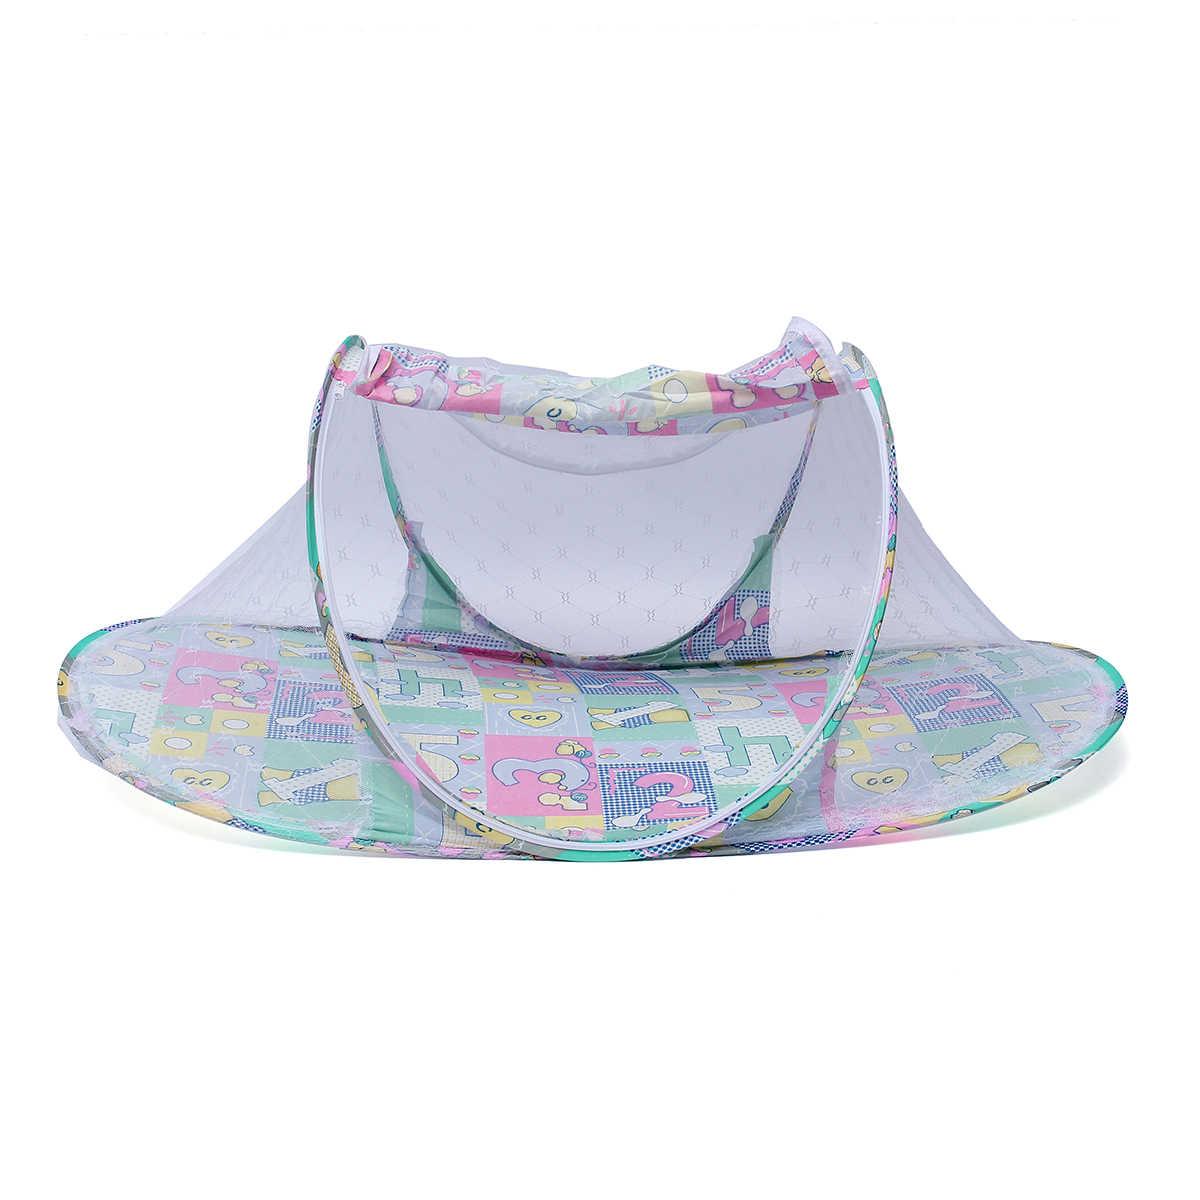 Складной мультфильм для маленьких детей сетки от комаров Ger балдахин на кровать матрас милый 110x60x38 см розовый зеленый палатка путешествия